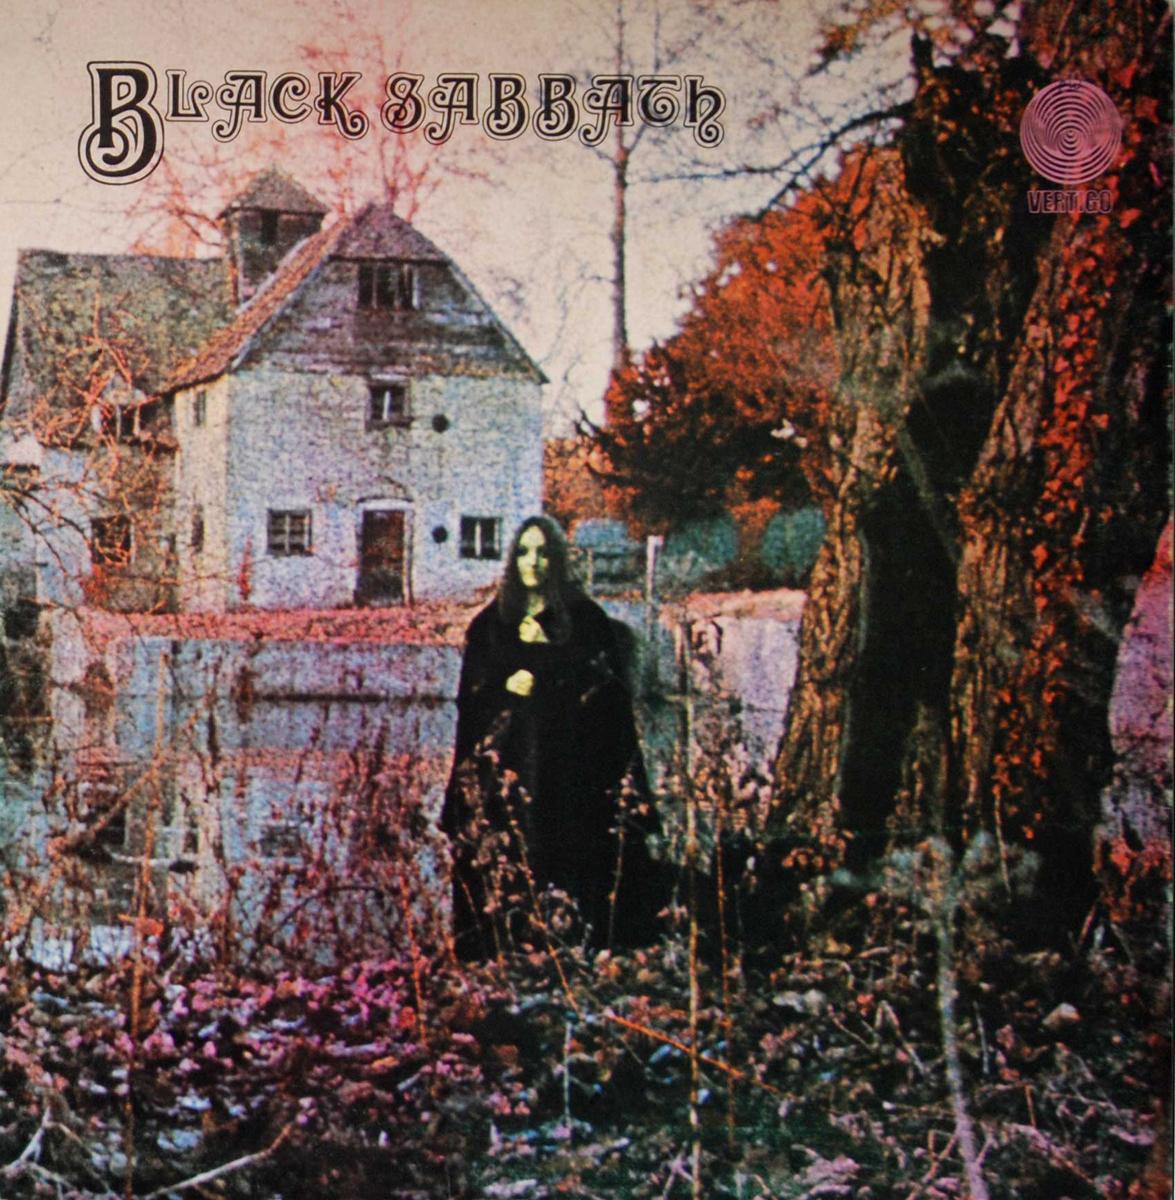 Black Sabbath debut